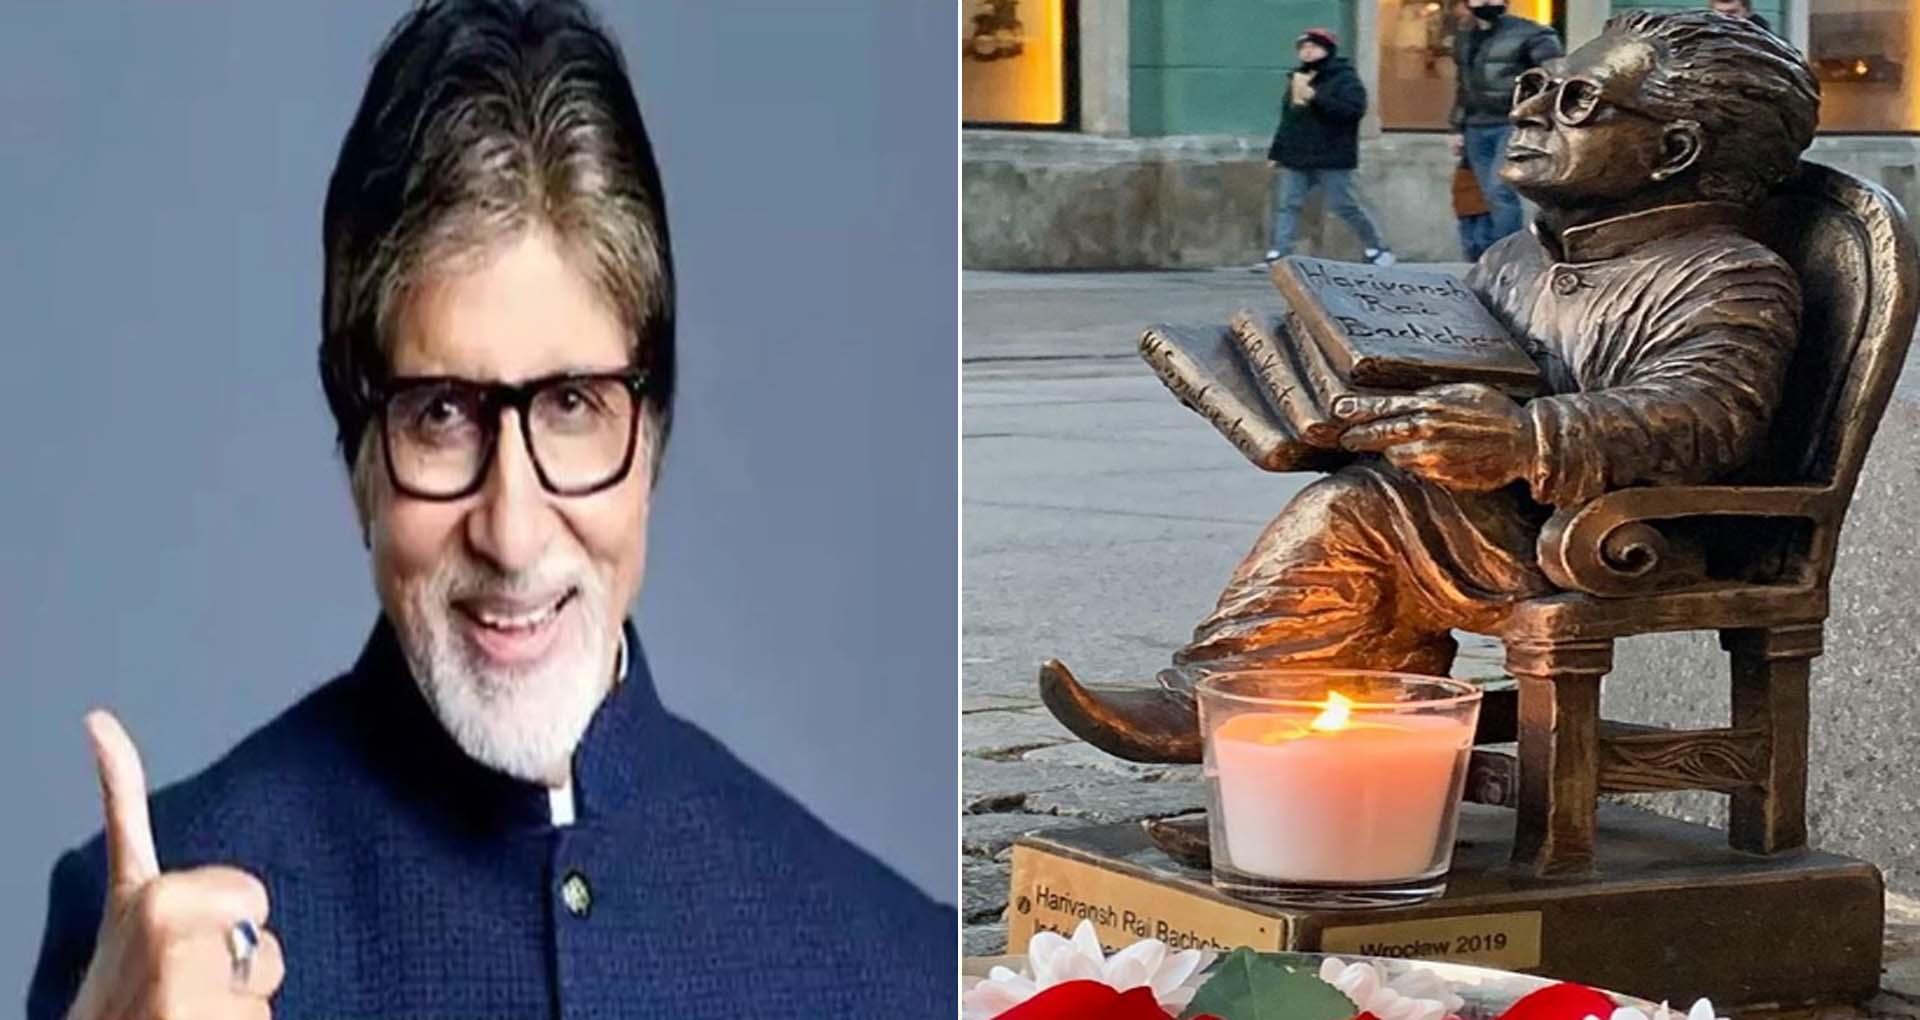 Amitabh Bachchan Diwali 2020: ये दीवाली अमिताभ बच्चन के लिए रही बेहद ख़ास! शेयर की पोस्ट